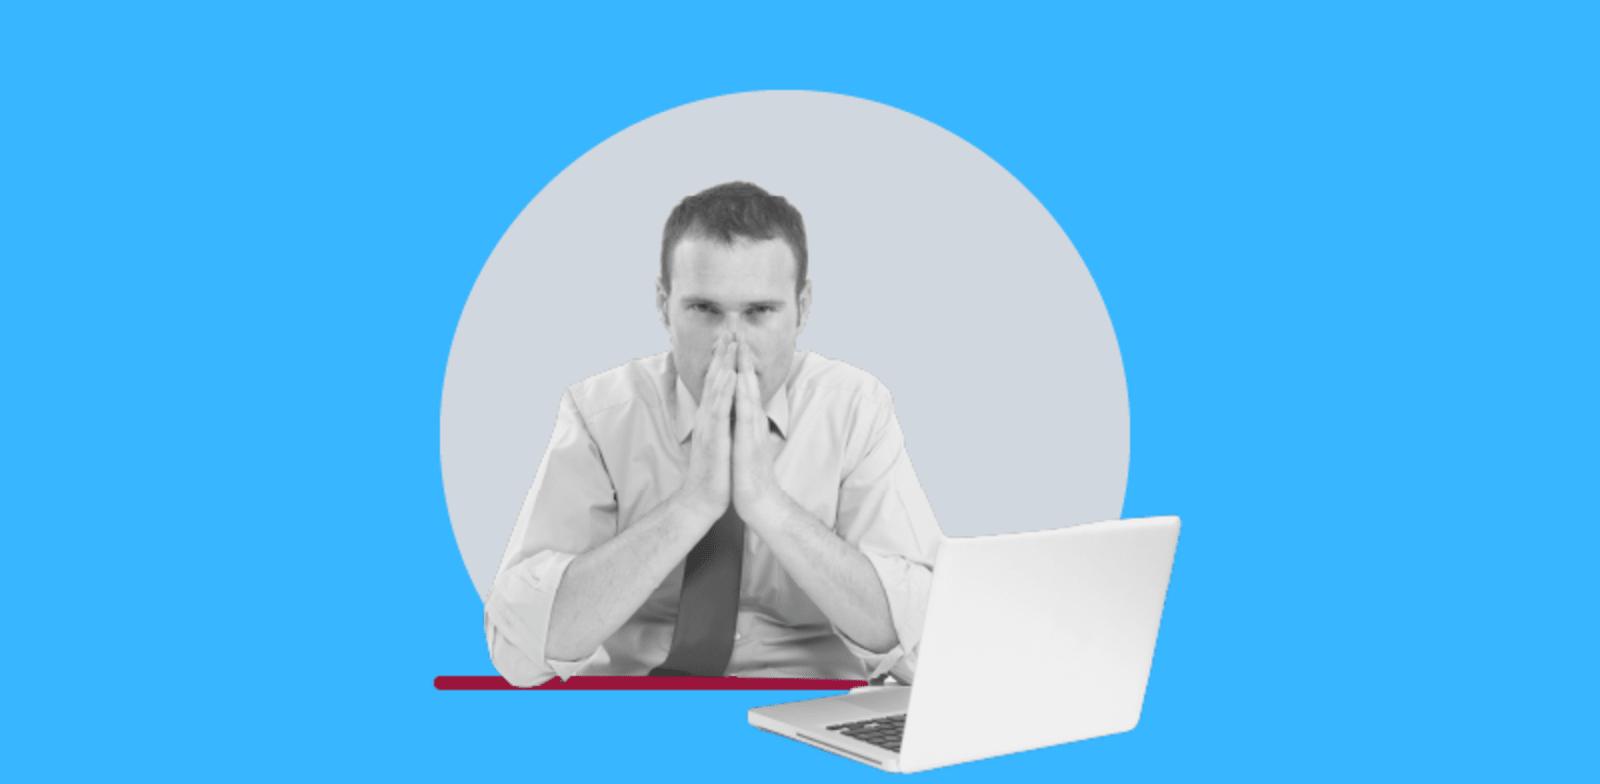 מנהלים, העובדים שלכם עוד לא התאוששו מהתקופה האחרונה / צילום: Shutterstock